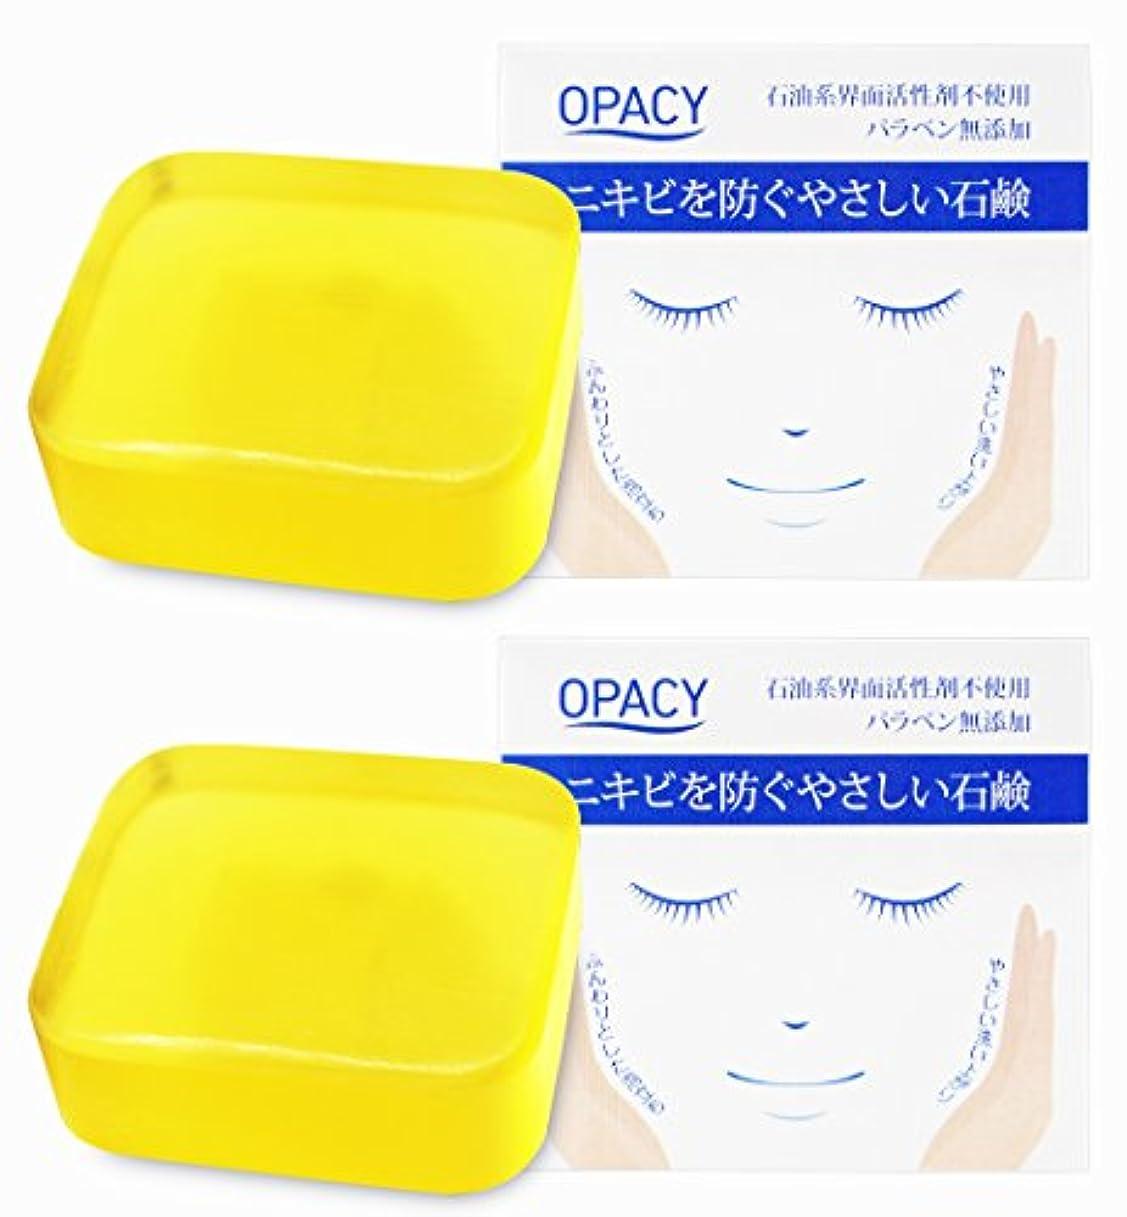 盗難アクセル窒素【2個セット】オパシー石鹸100g (2個)